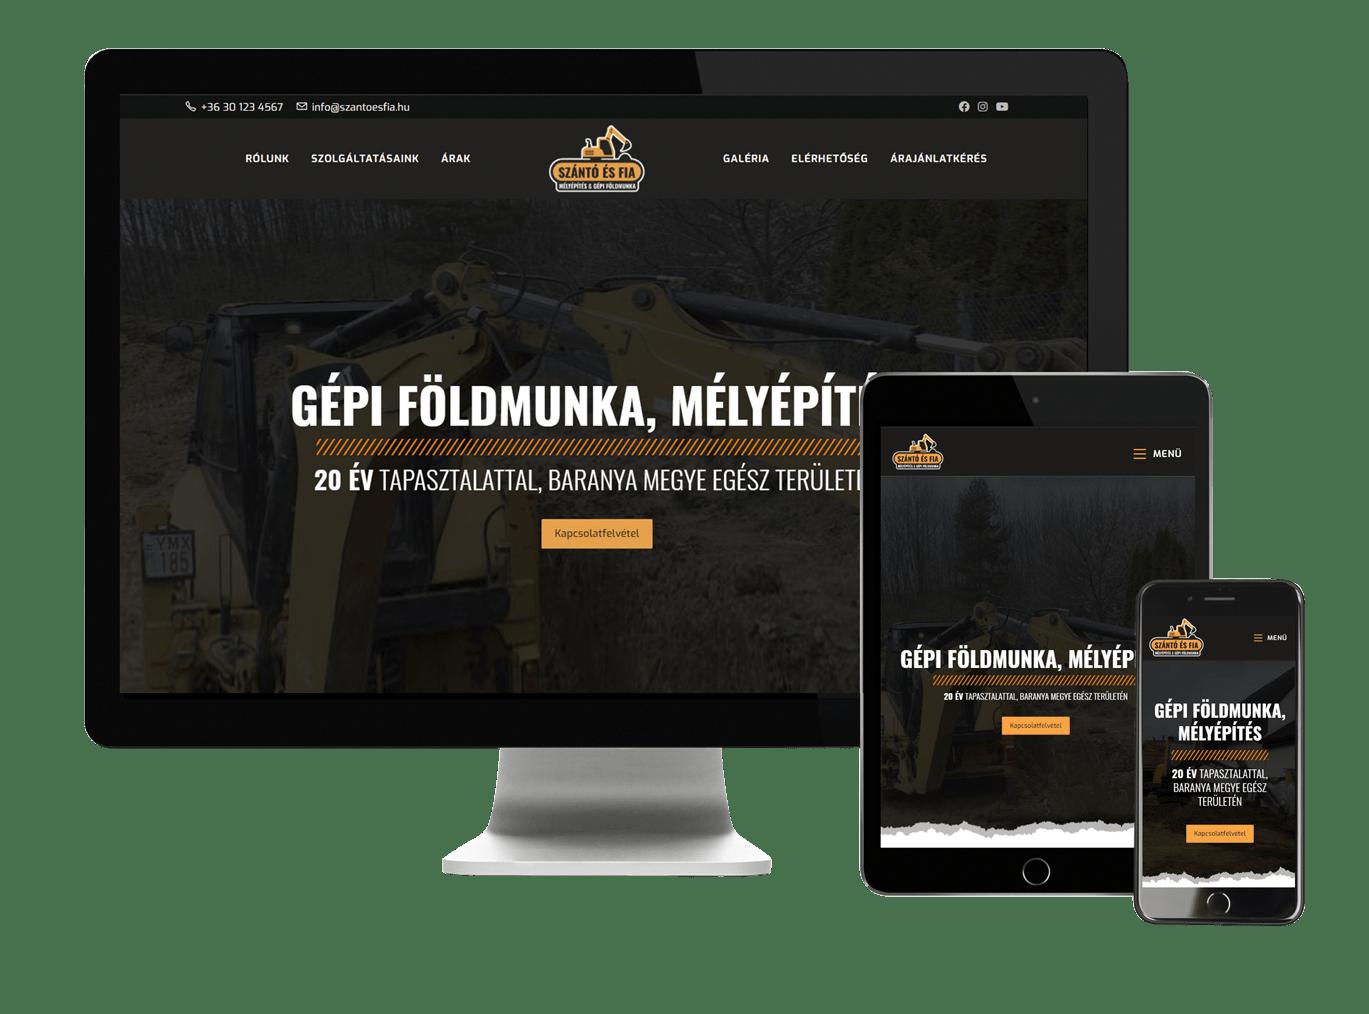 Szanto-es-fia-weboldal-keszites-logo-tervezes-gepi-foldmunka-epitkezes-melyepites-pecs-zeusweb-nagy-min